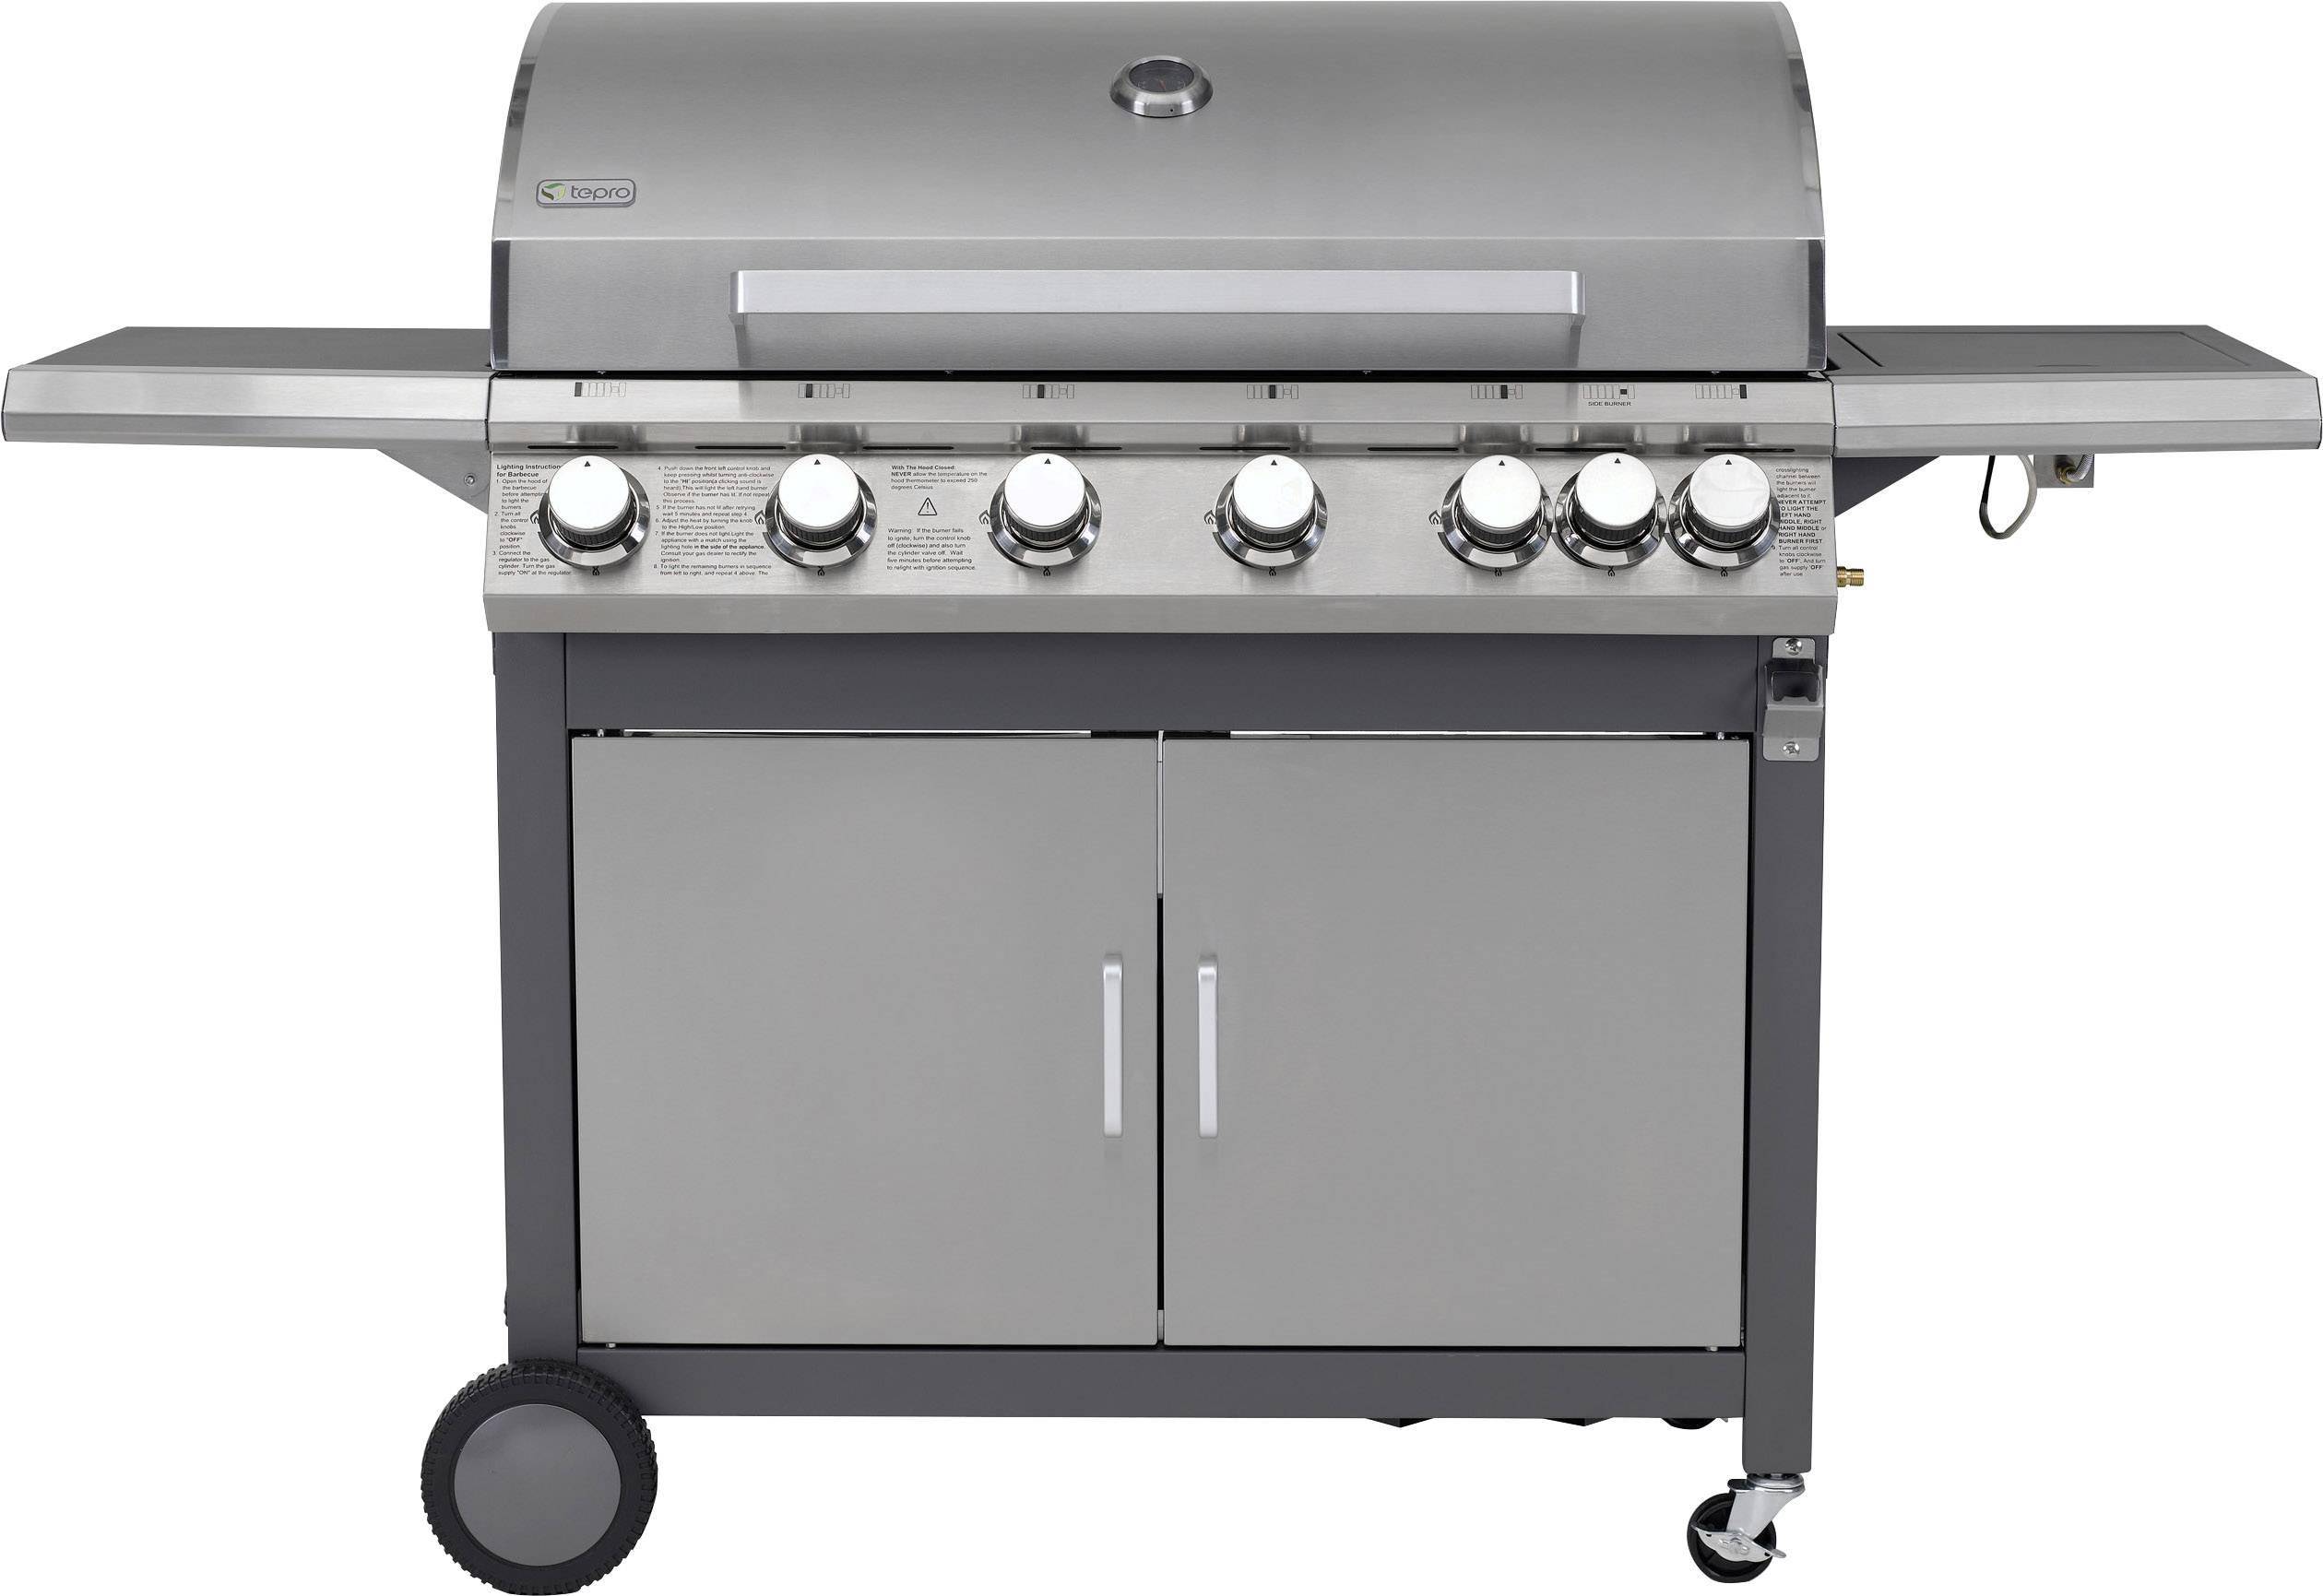 Tepro Holzkohlegrill Ungesund : Tepro grill wellington test tepro grill test tepro gasgrill